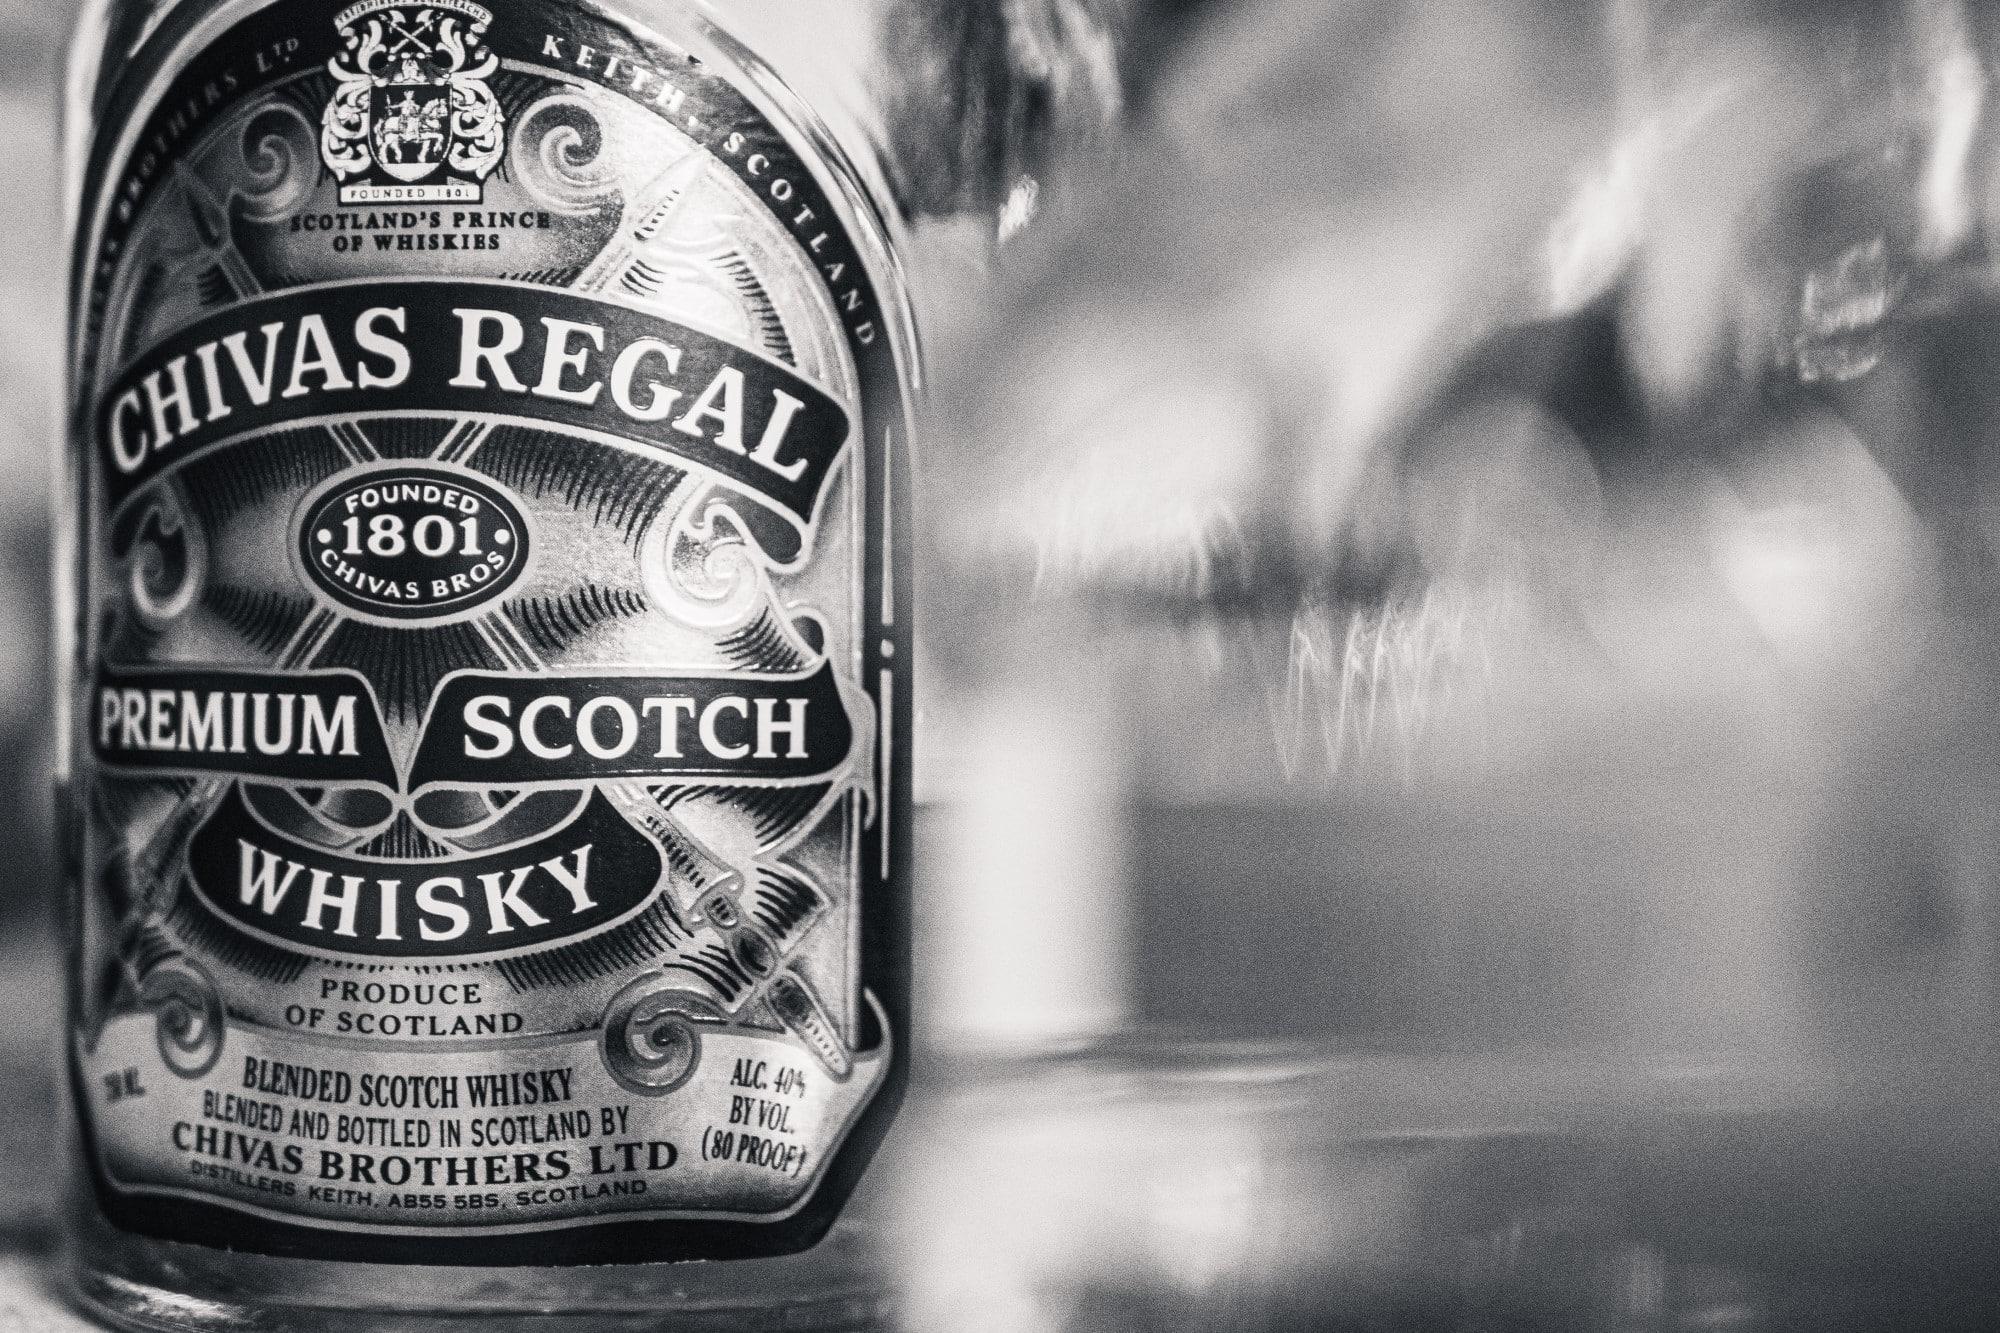 Chivas Regal è un tipo di blended scotch